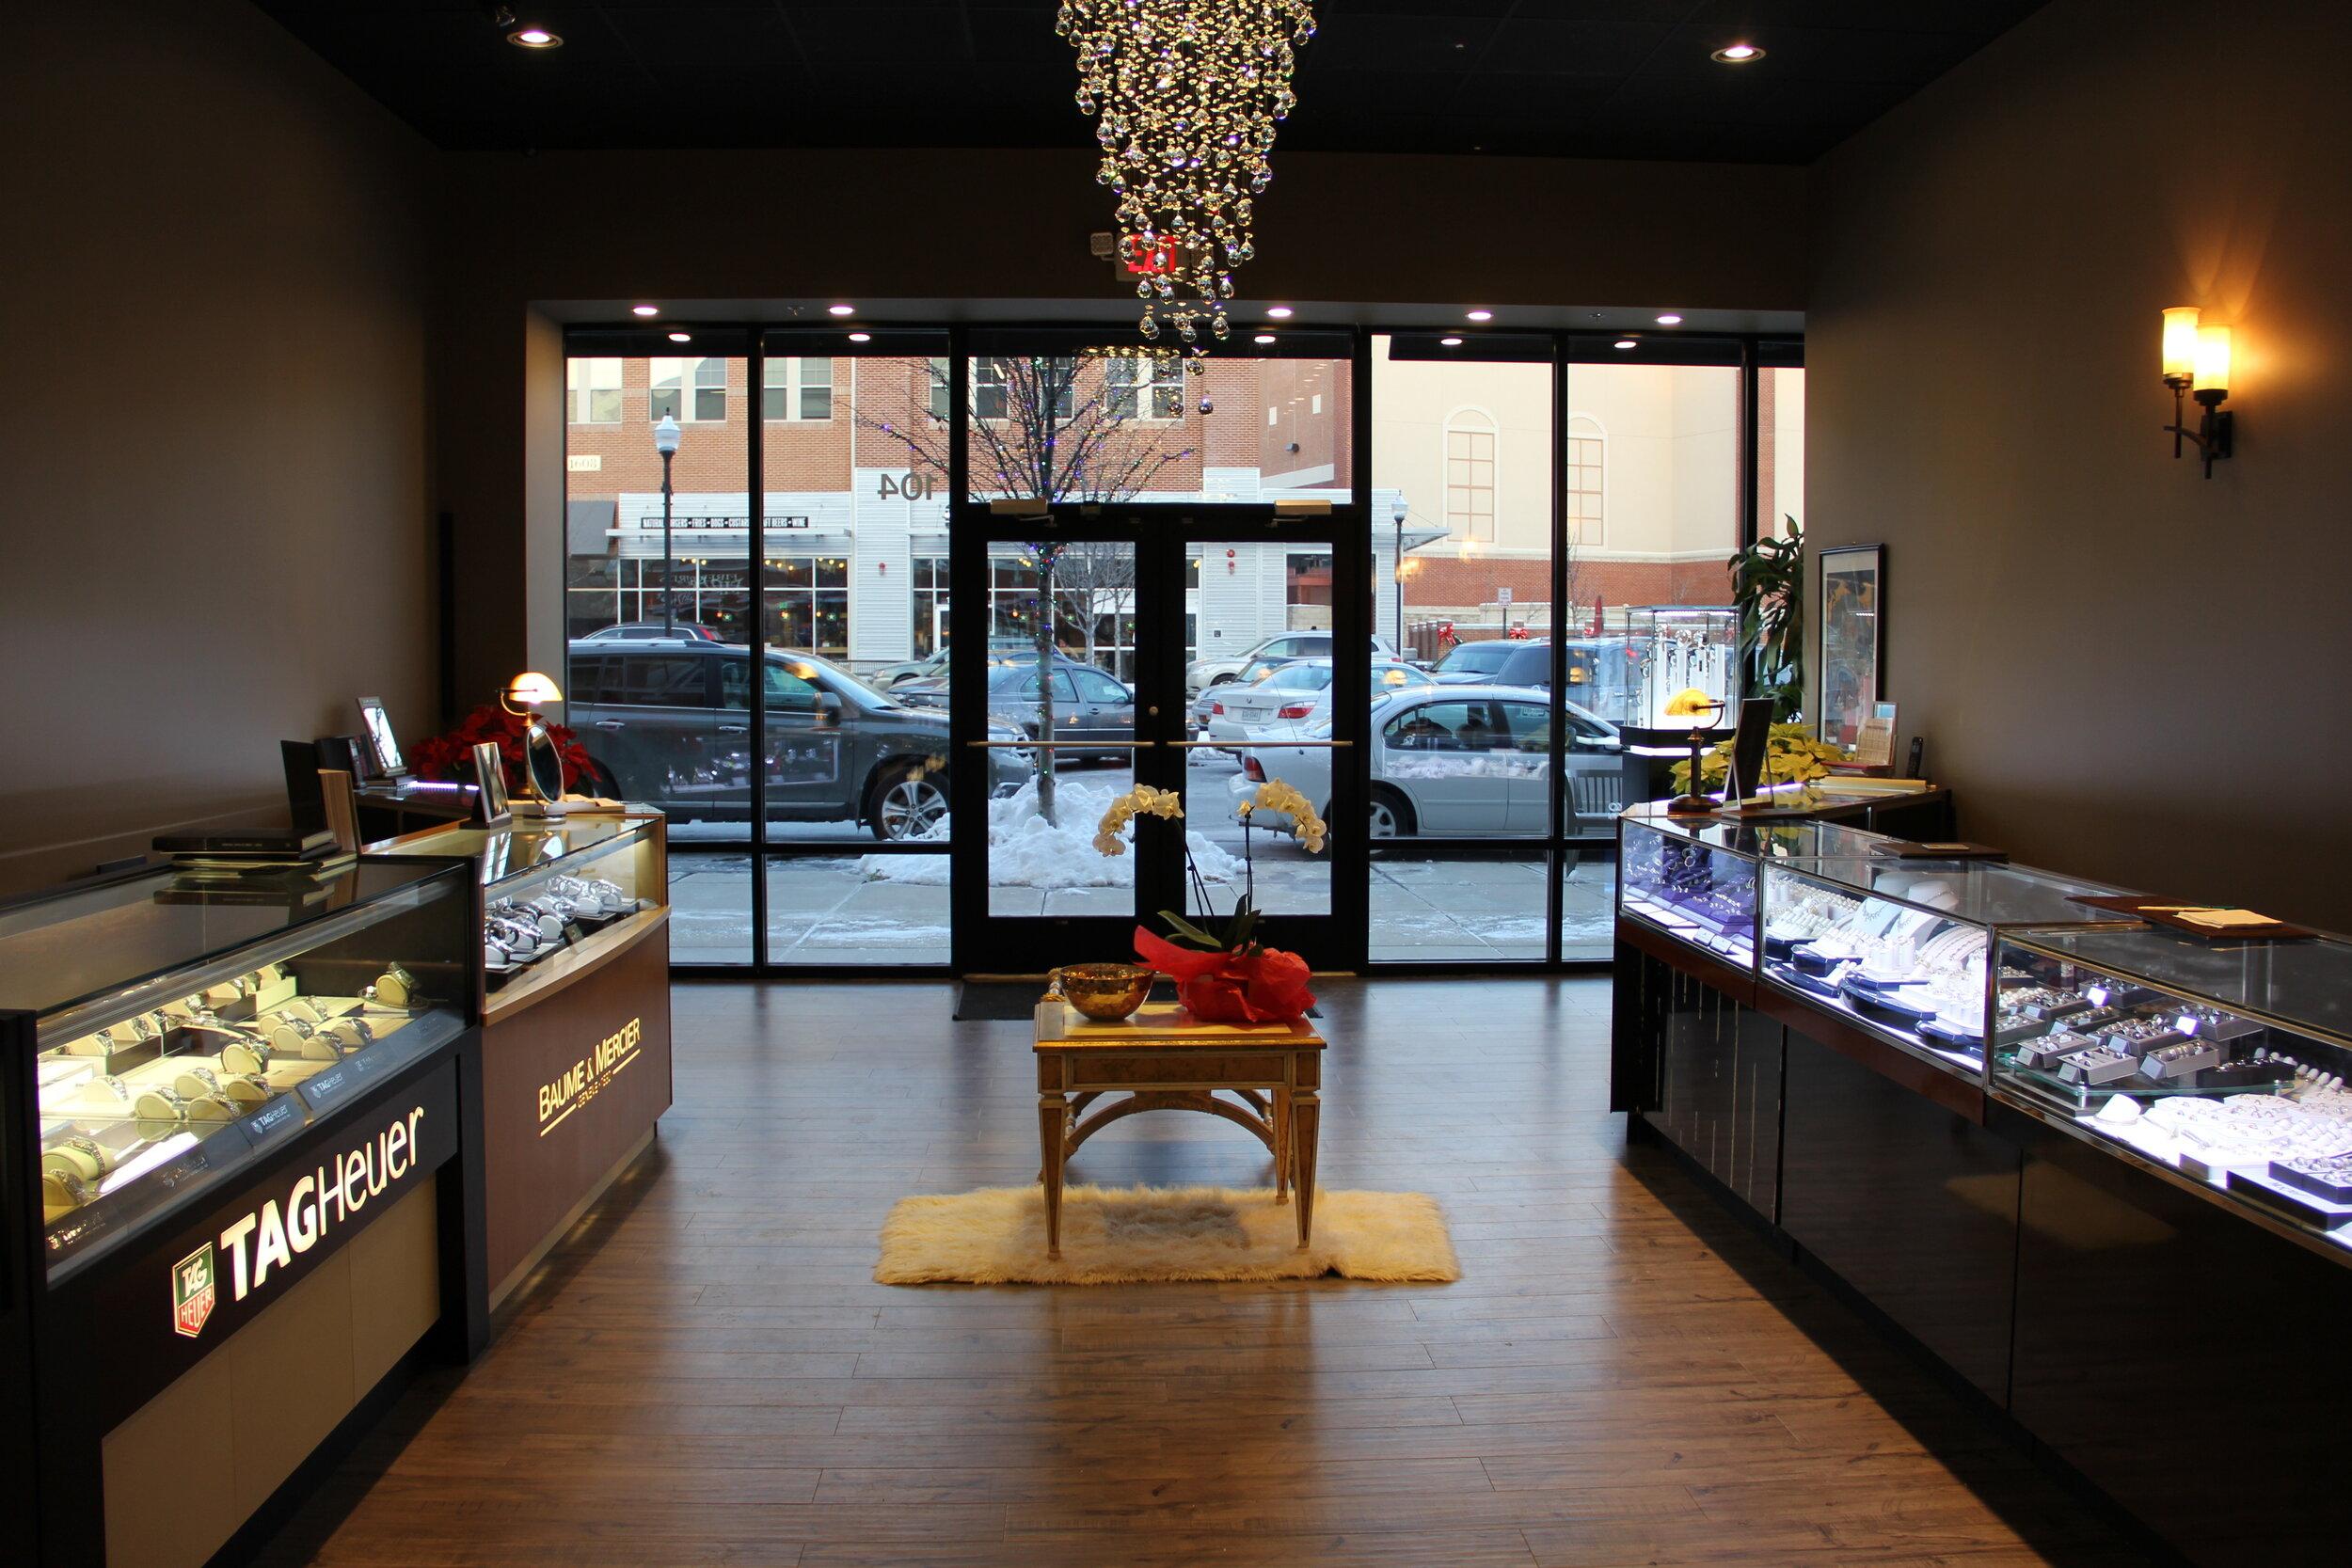 store-lobby-winter.JPG